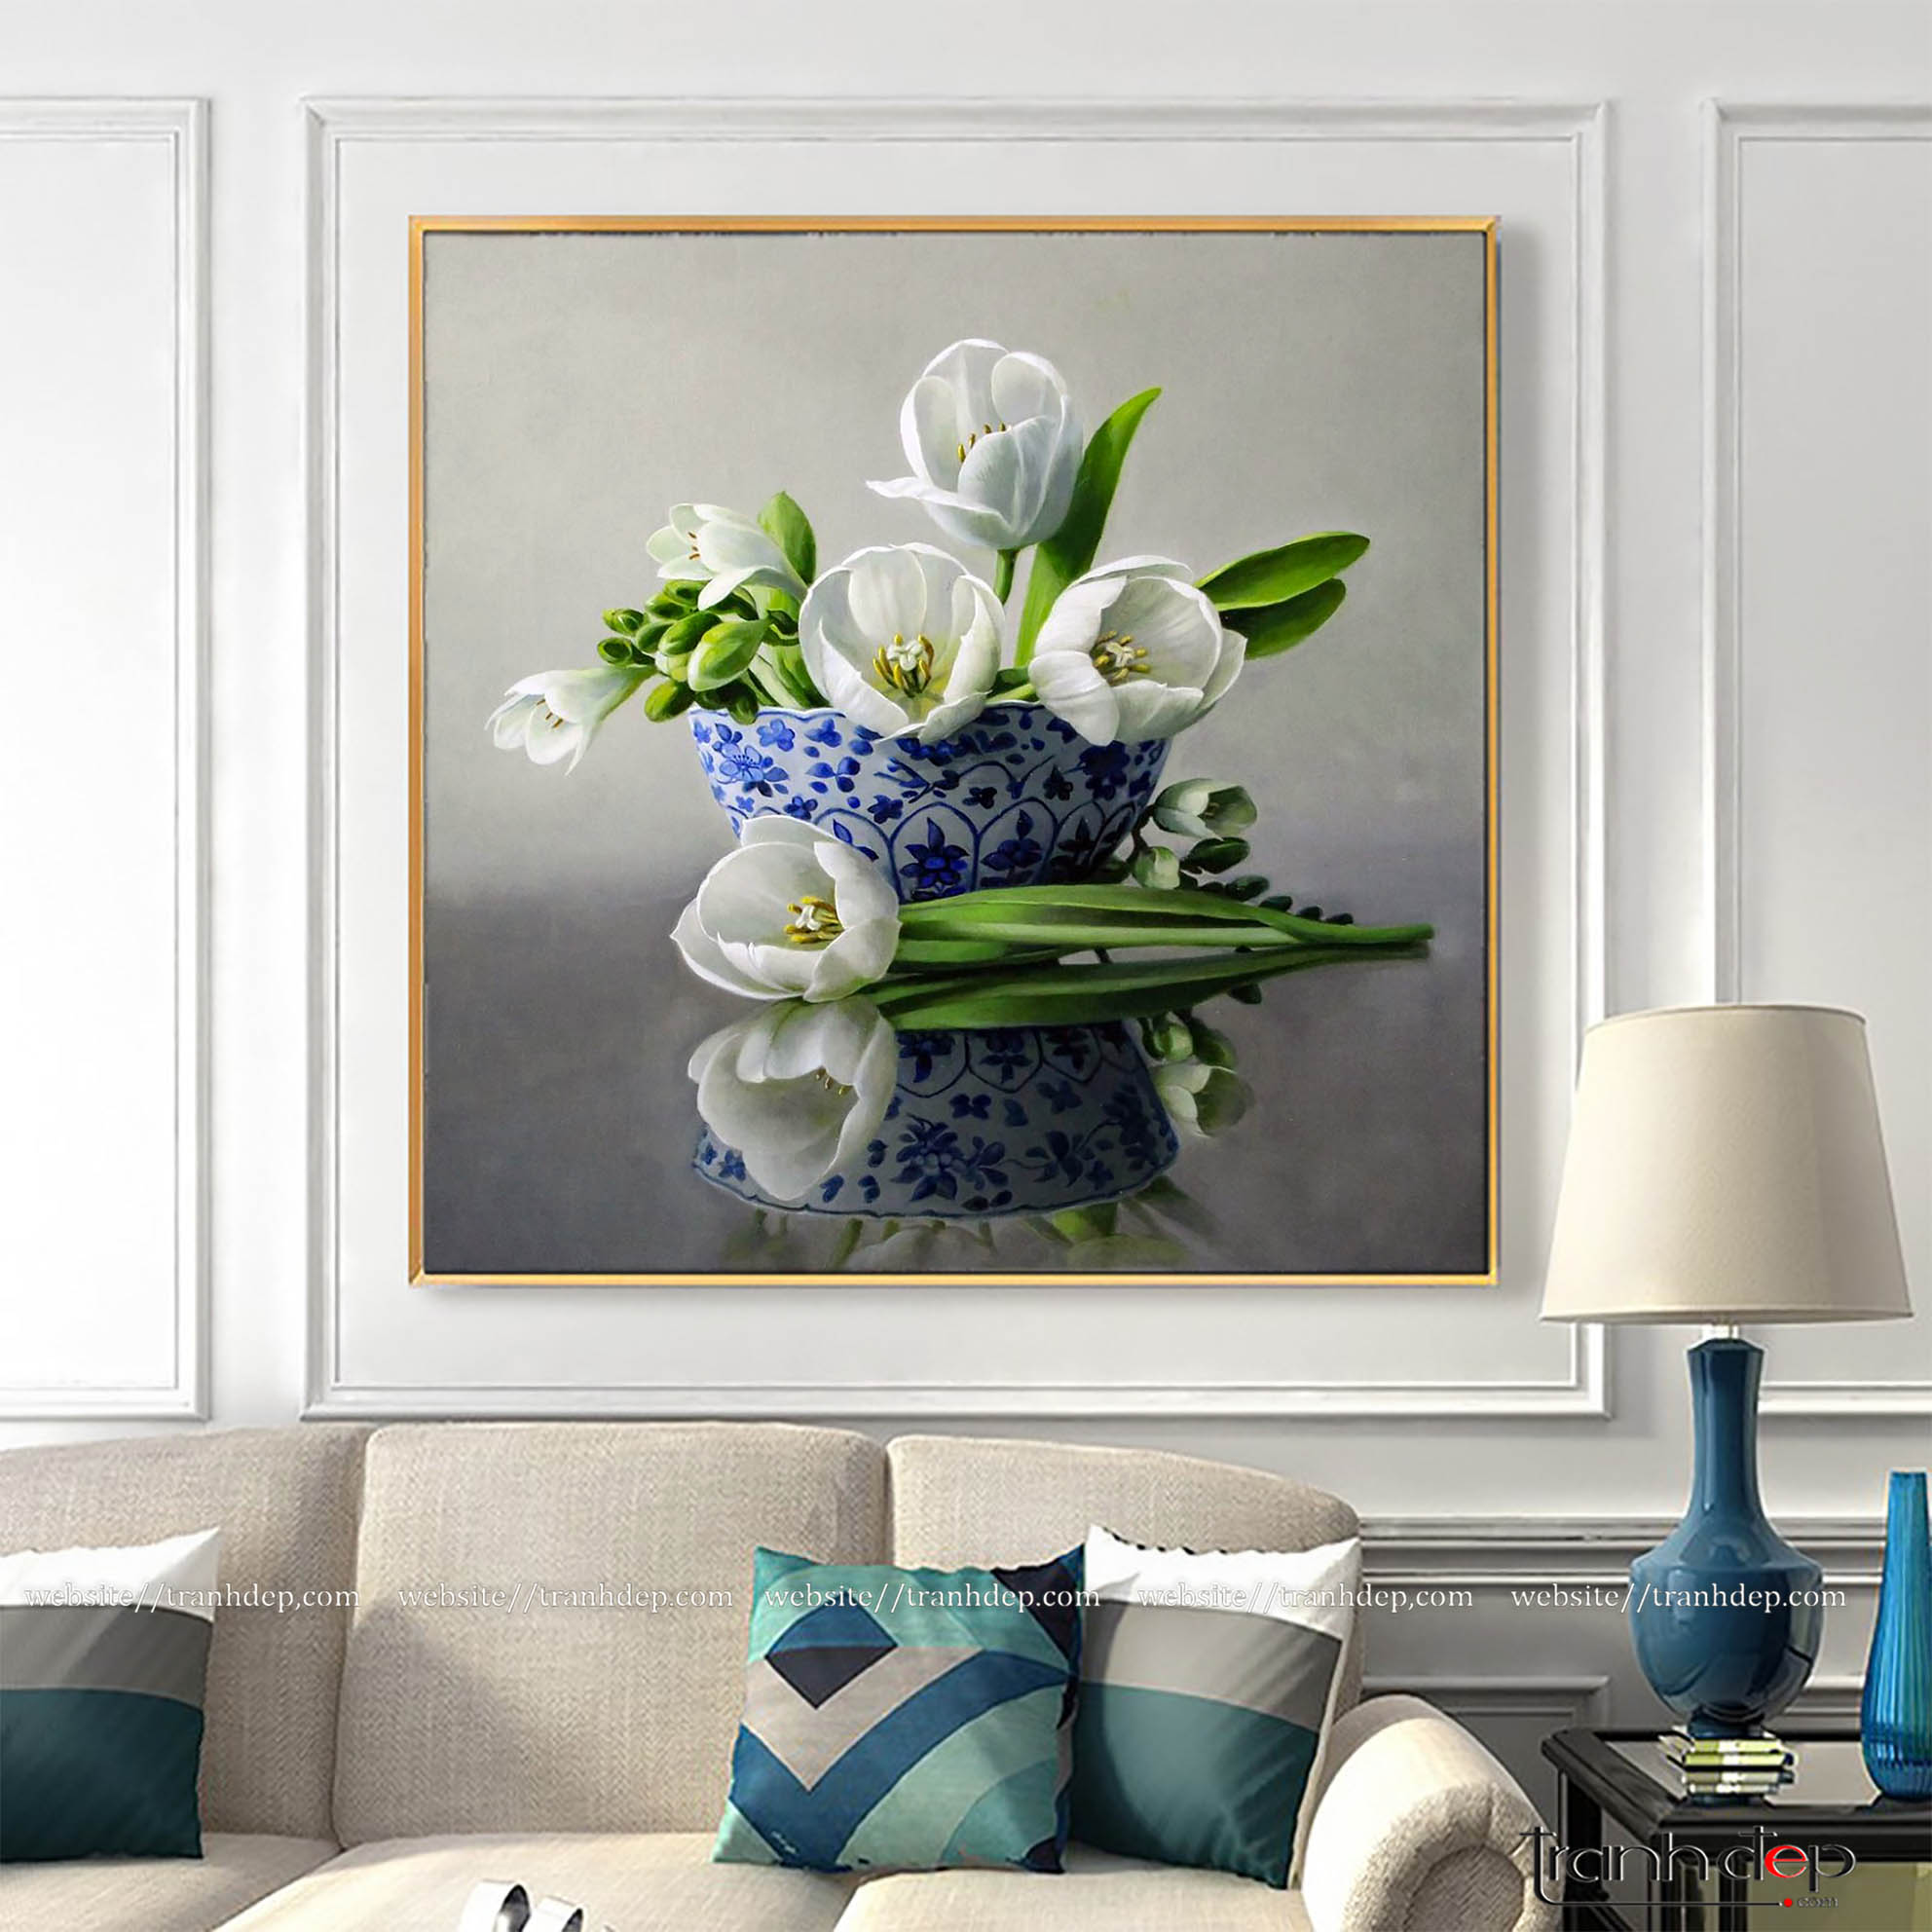 Tranh hoa tulip trắng trang trí không gian phòng khách